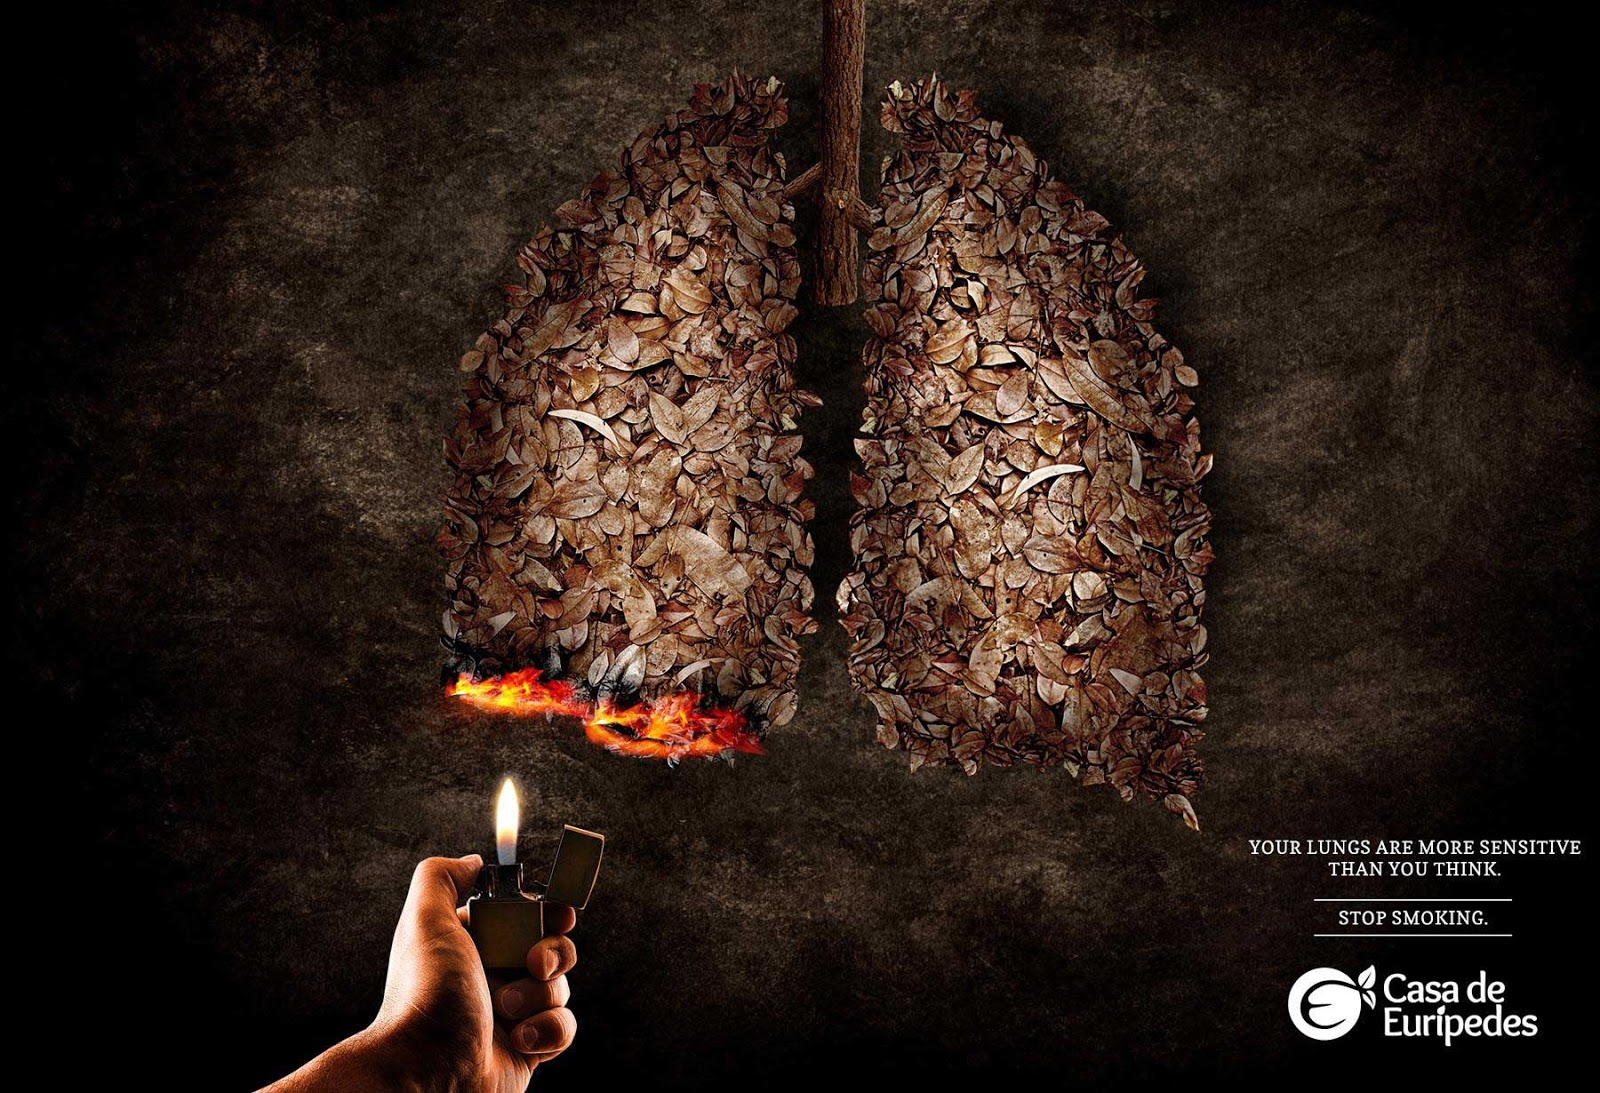 contoh desain gambar poster anti merokok kesehatan kampanye bagus keren efektif menarik headline judul iklan layanan masyarakat public service advertisement psa ilm arti makna simbol lambang tagline copywriting kreatif